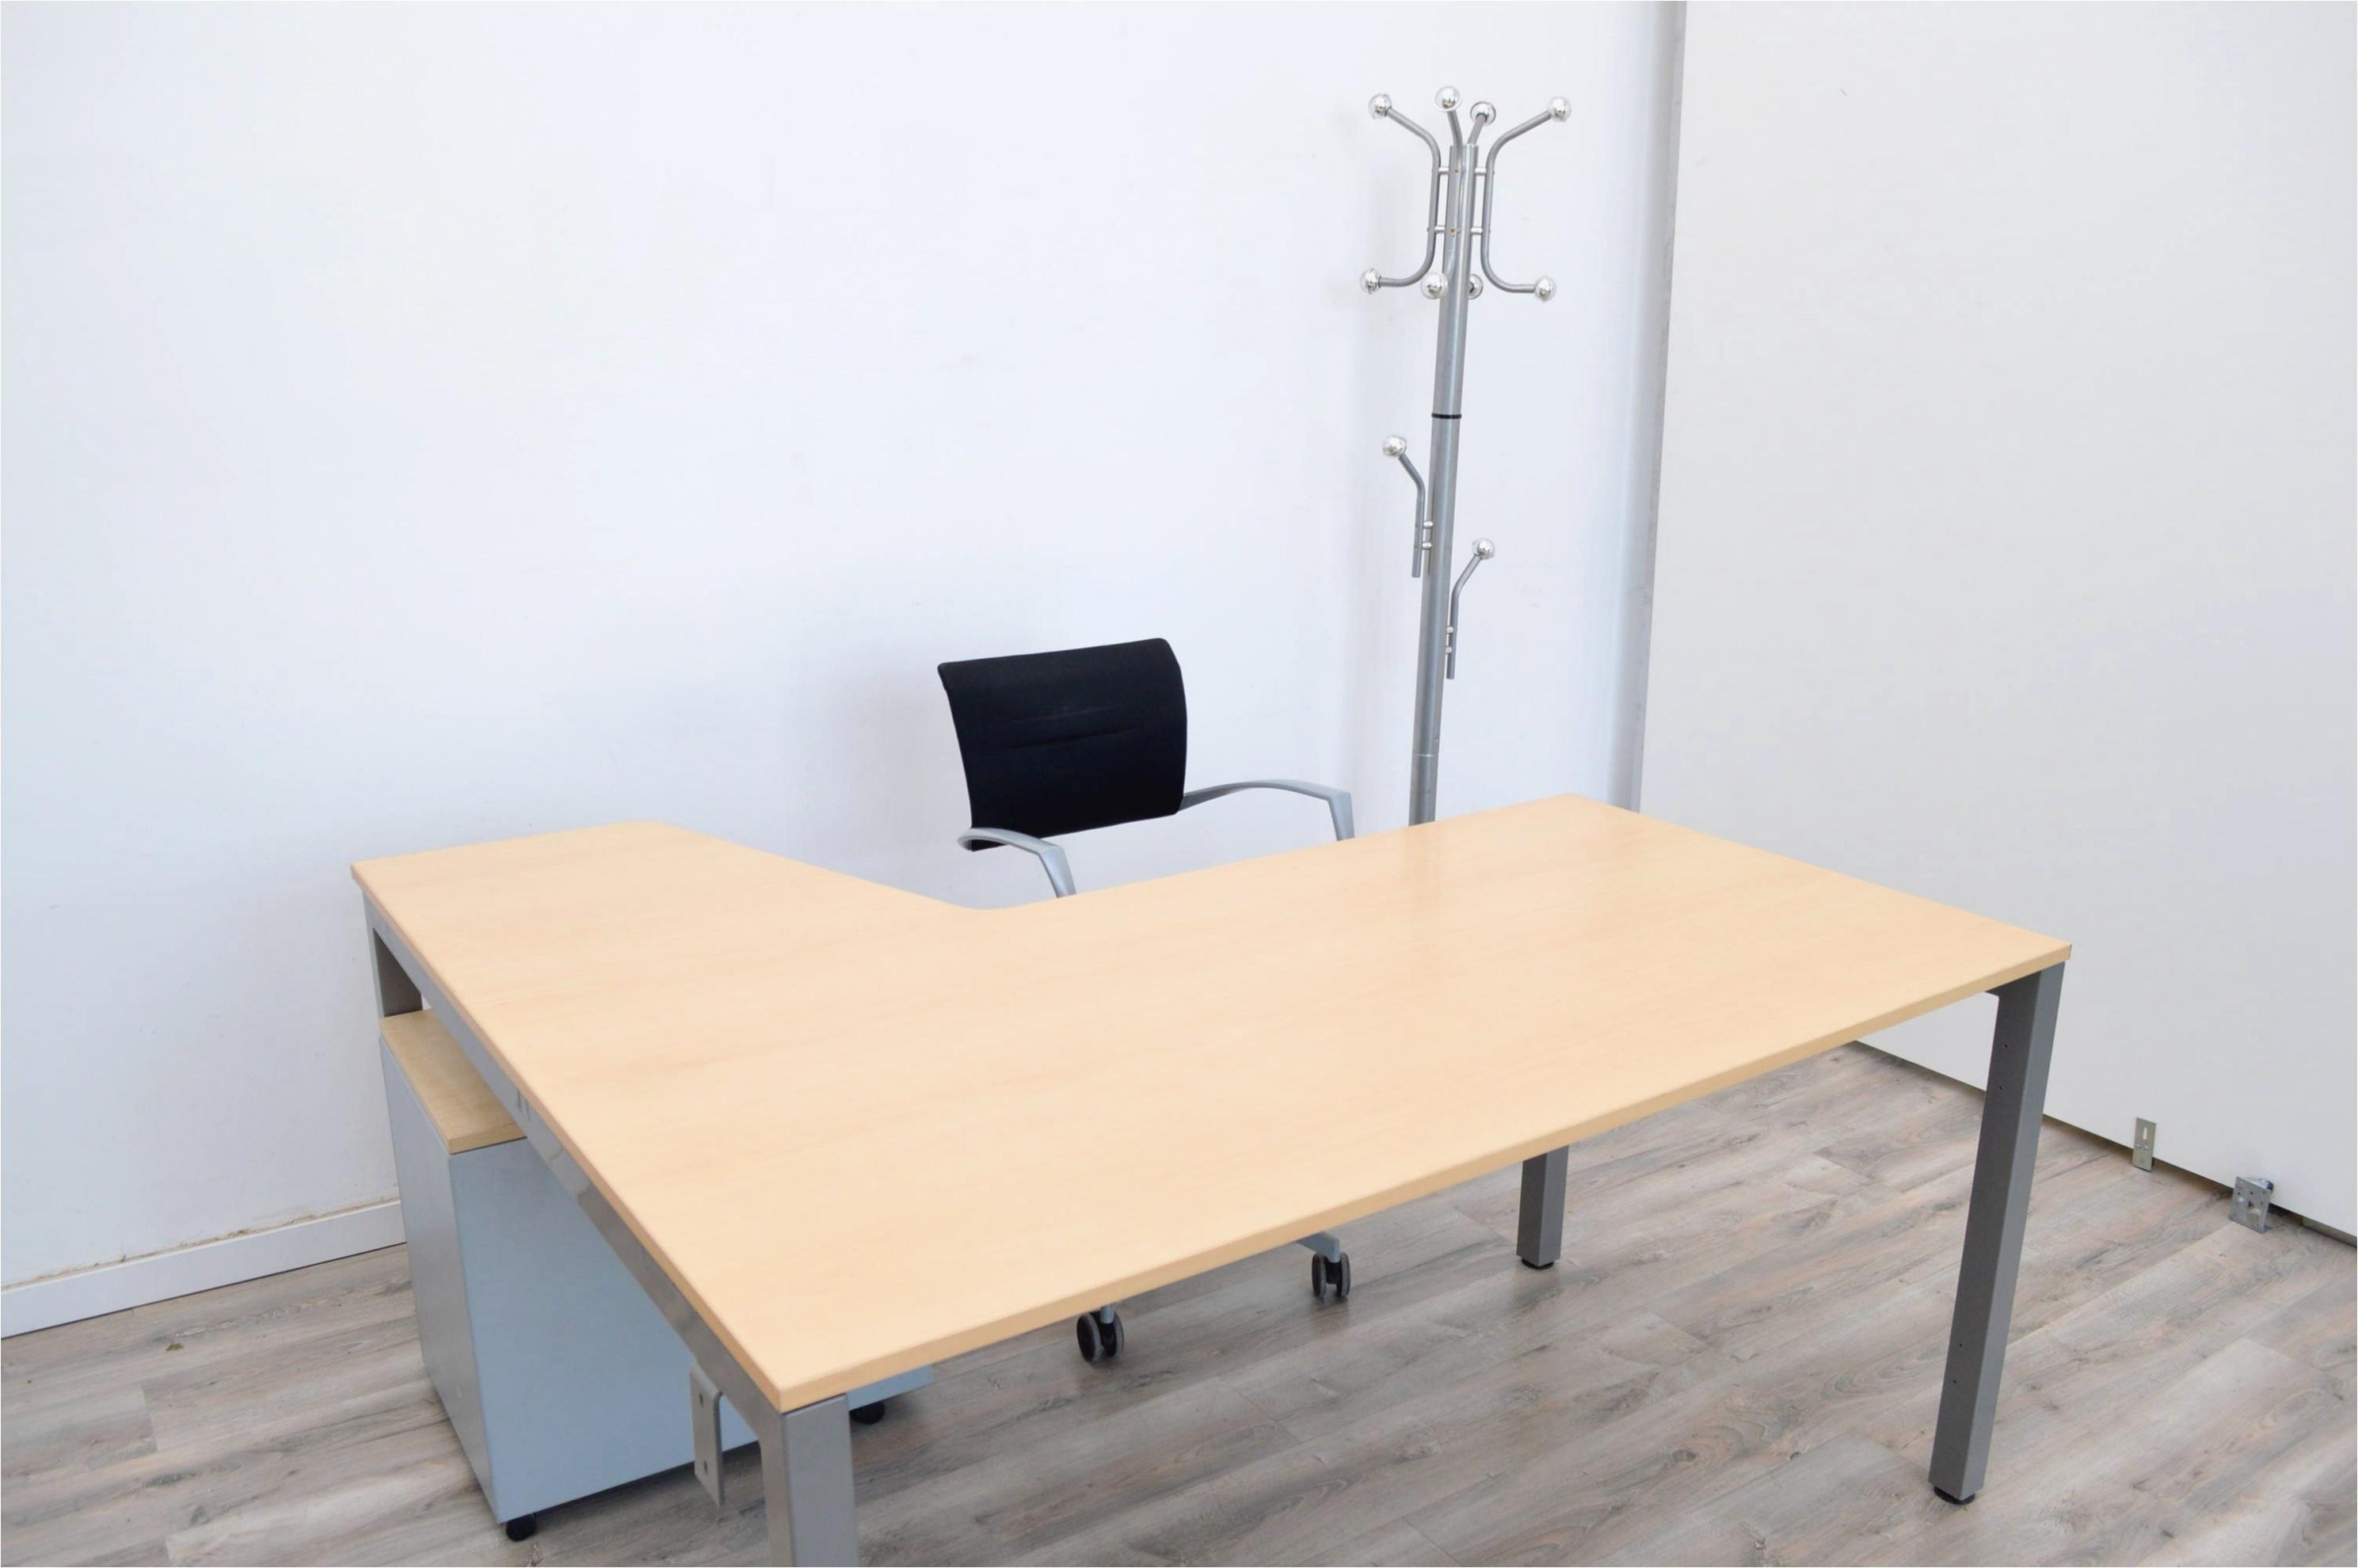 Mesas De Despacho Baratas S5d8 Medidas Mesa Icina Bogotaeslacumbre Inicio Mesas Despacho Baratas